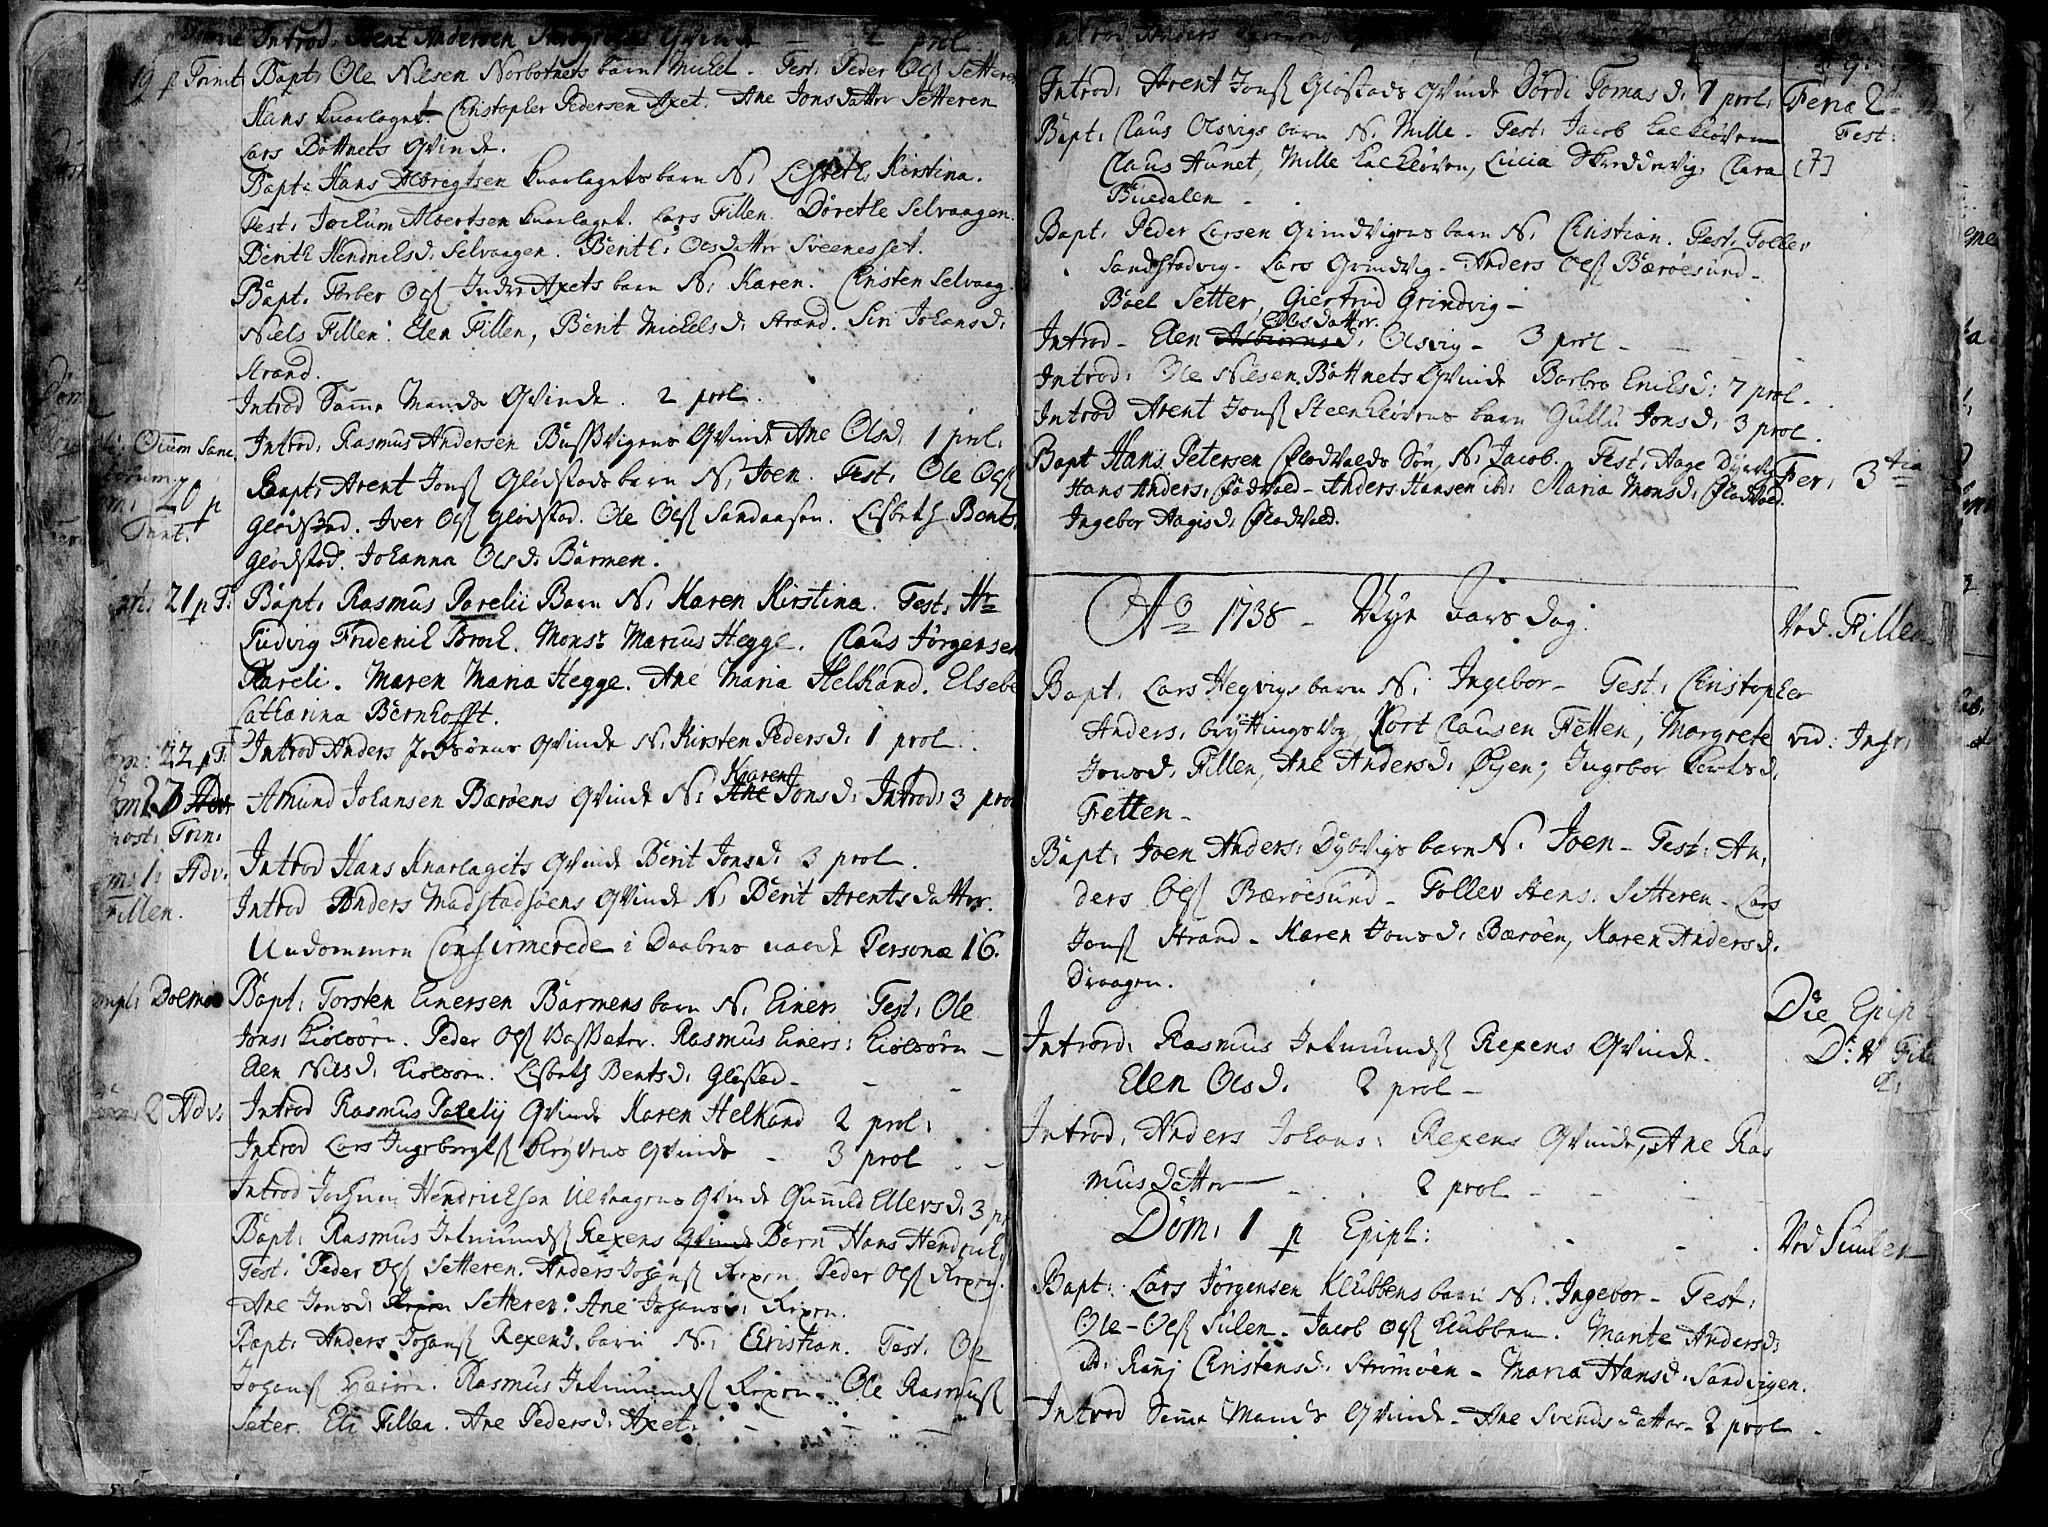 SAT, Ministerialprotokoller, klokkerbøker og fødselsregistre - Sør-Trøndelag, 634/L0525: Ministerialbok nr. 634A01, 1736-1775, s. 7